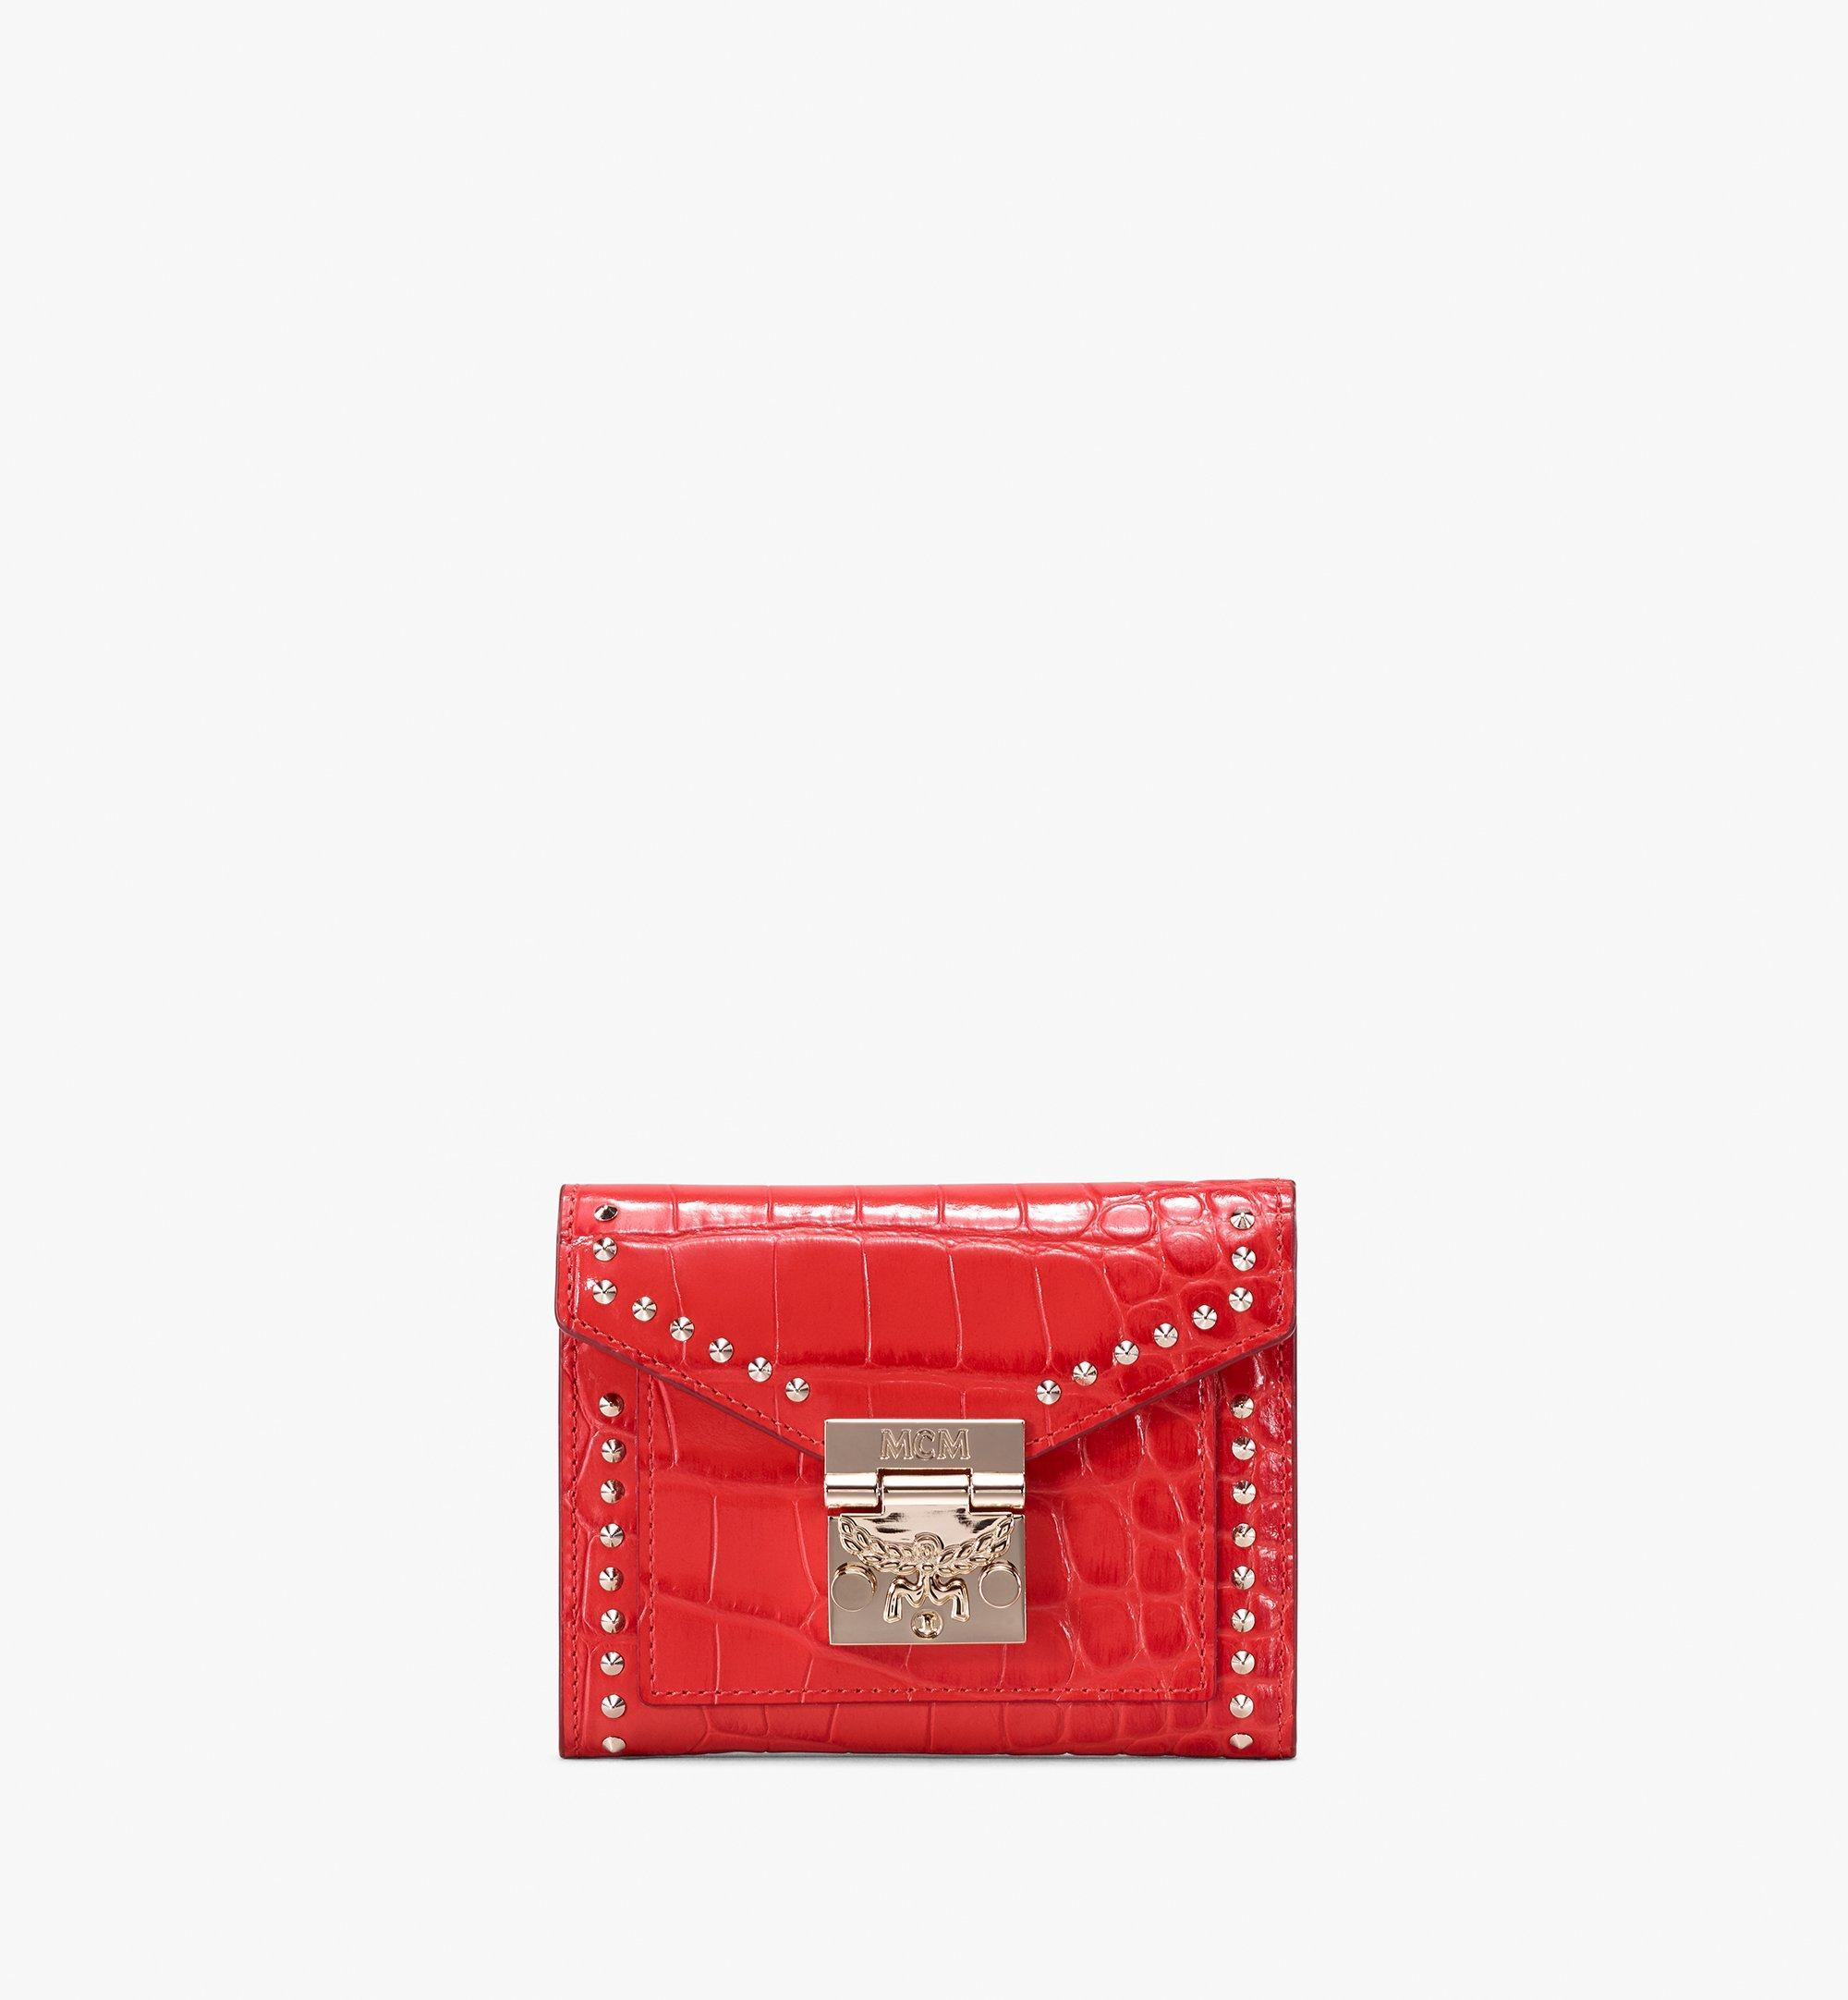 MCM Patricia Three-Fold Wallet in Embossed Crocodile Red MYS9APA64RU001 Alternate View 1